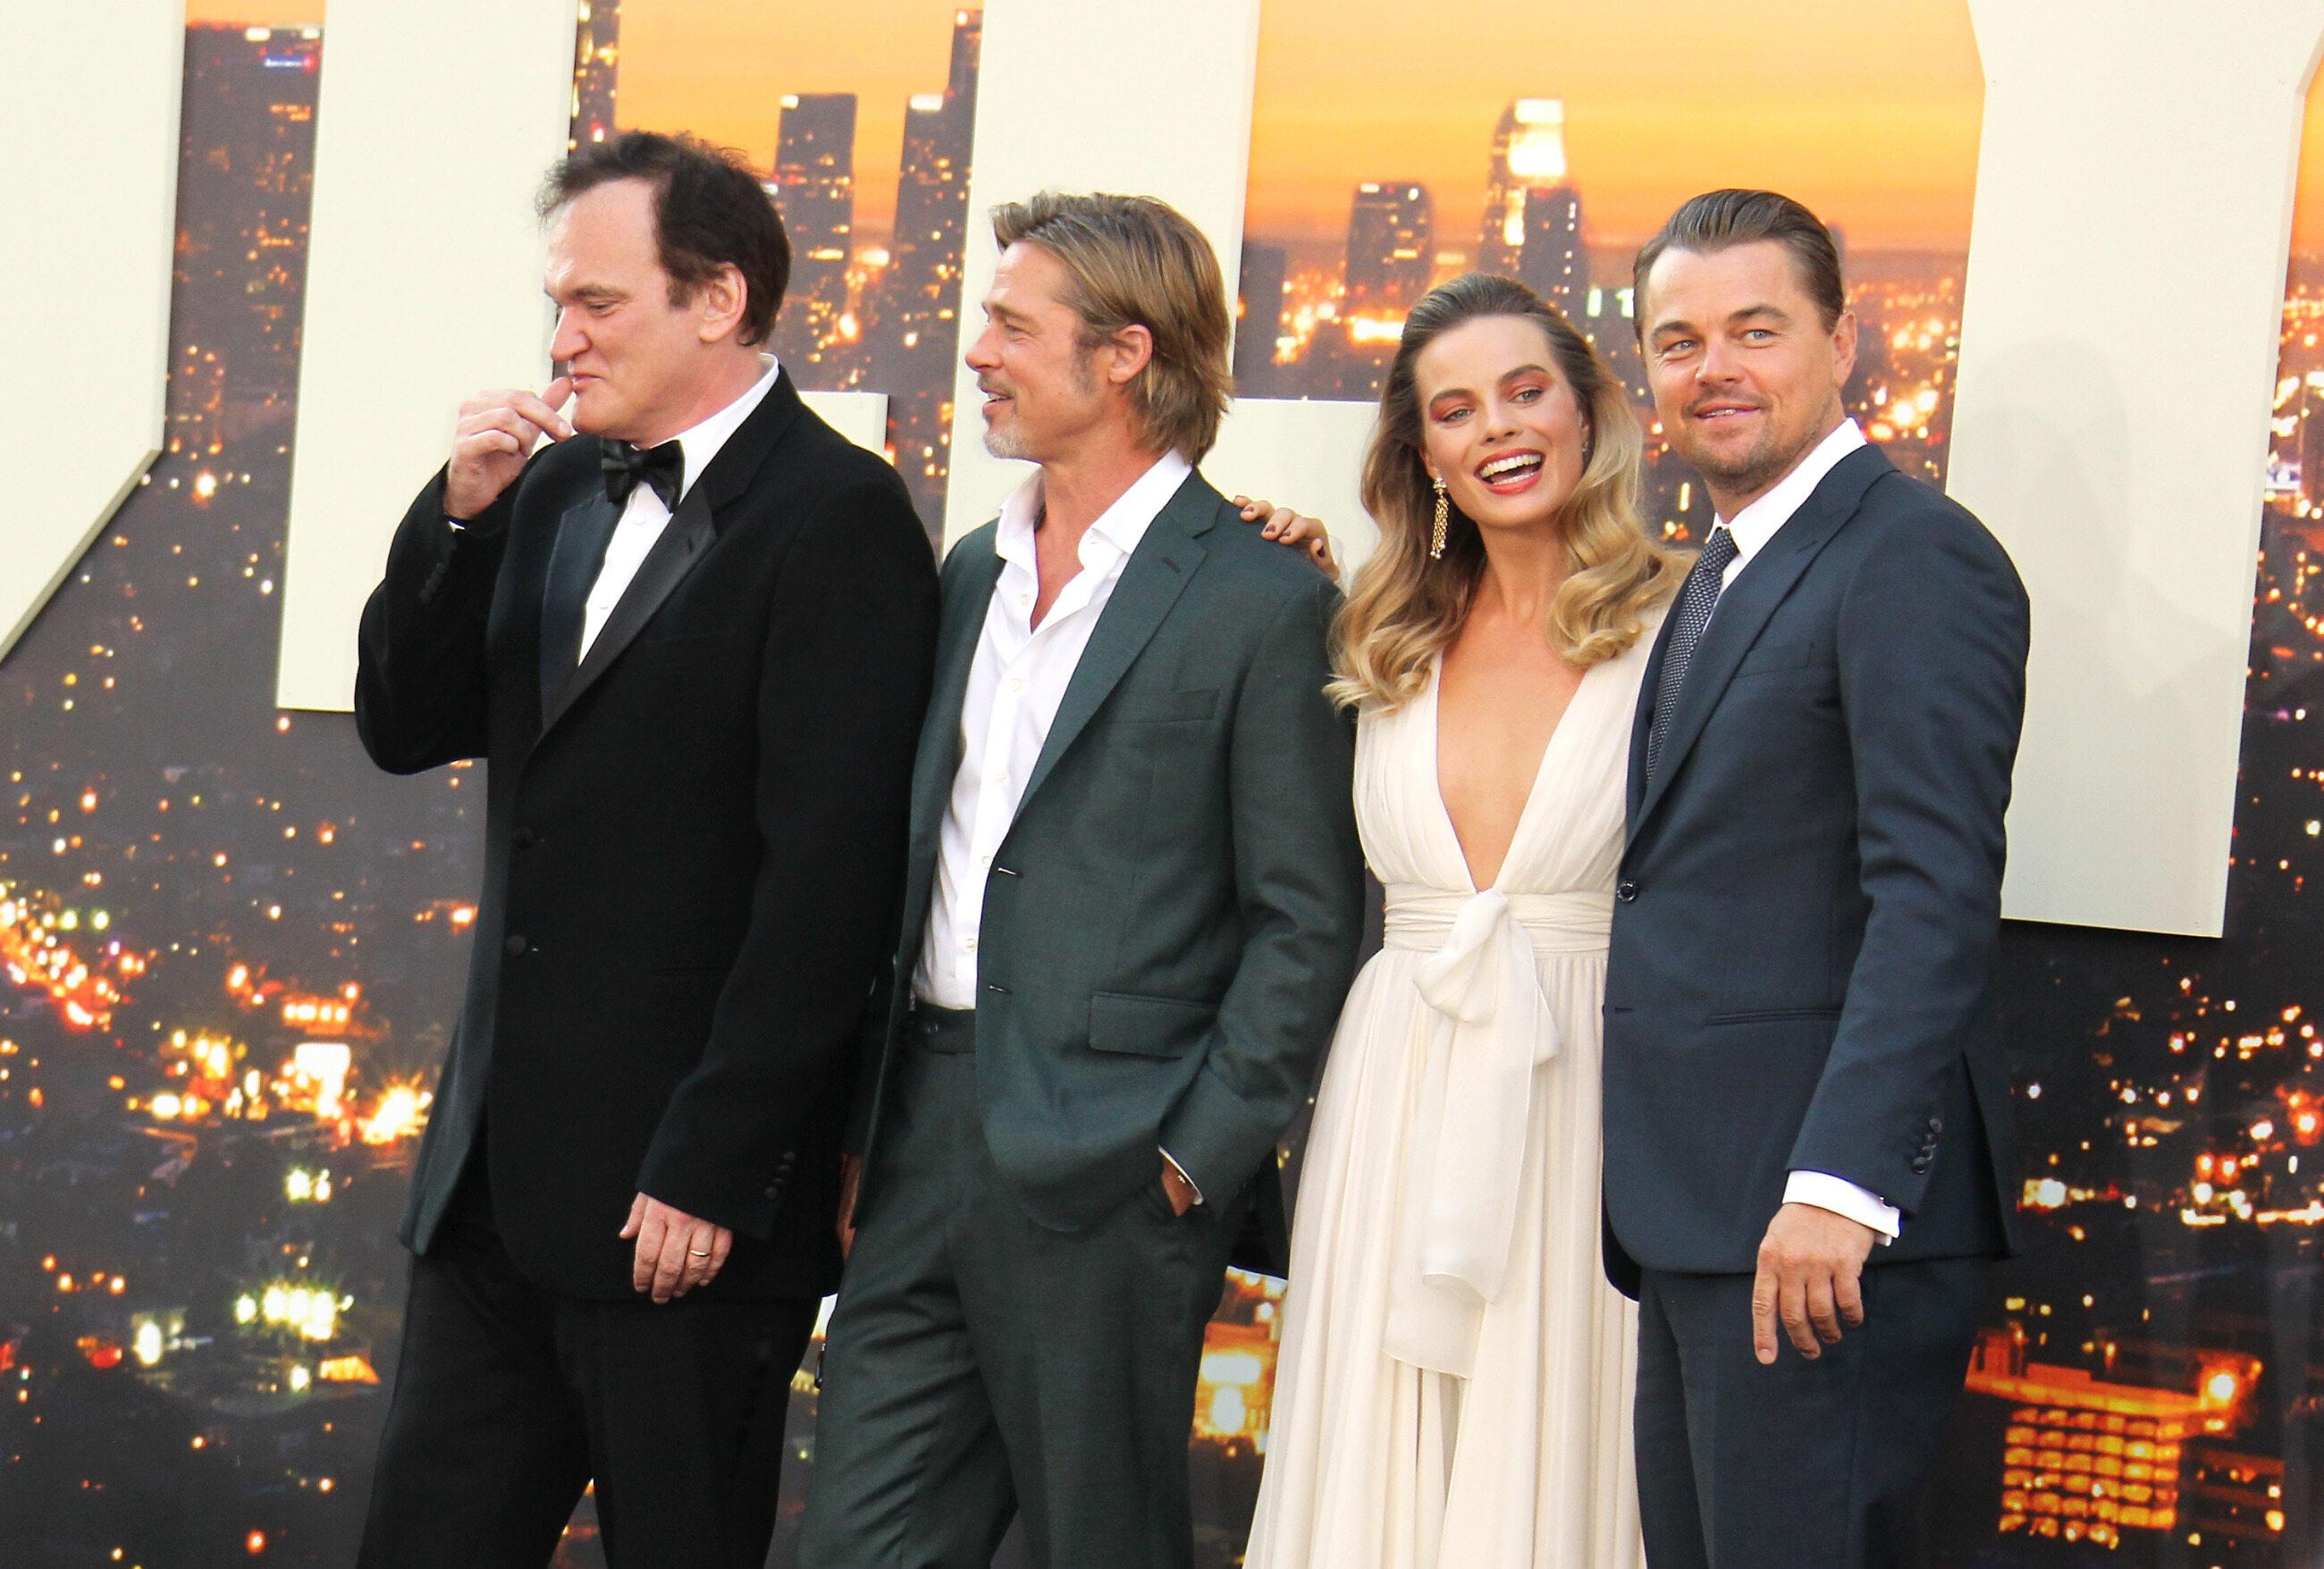 Quentin Tarantino, Brad Pitt, Margot Robbie, Leonardo DiCaprio